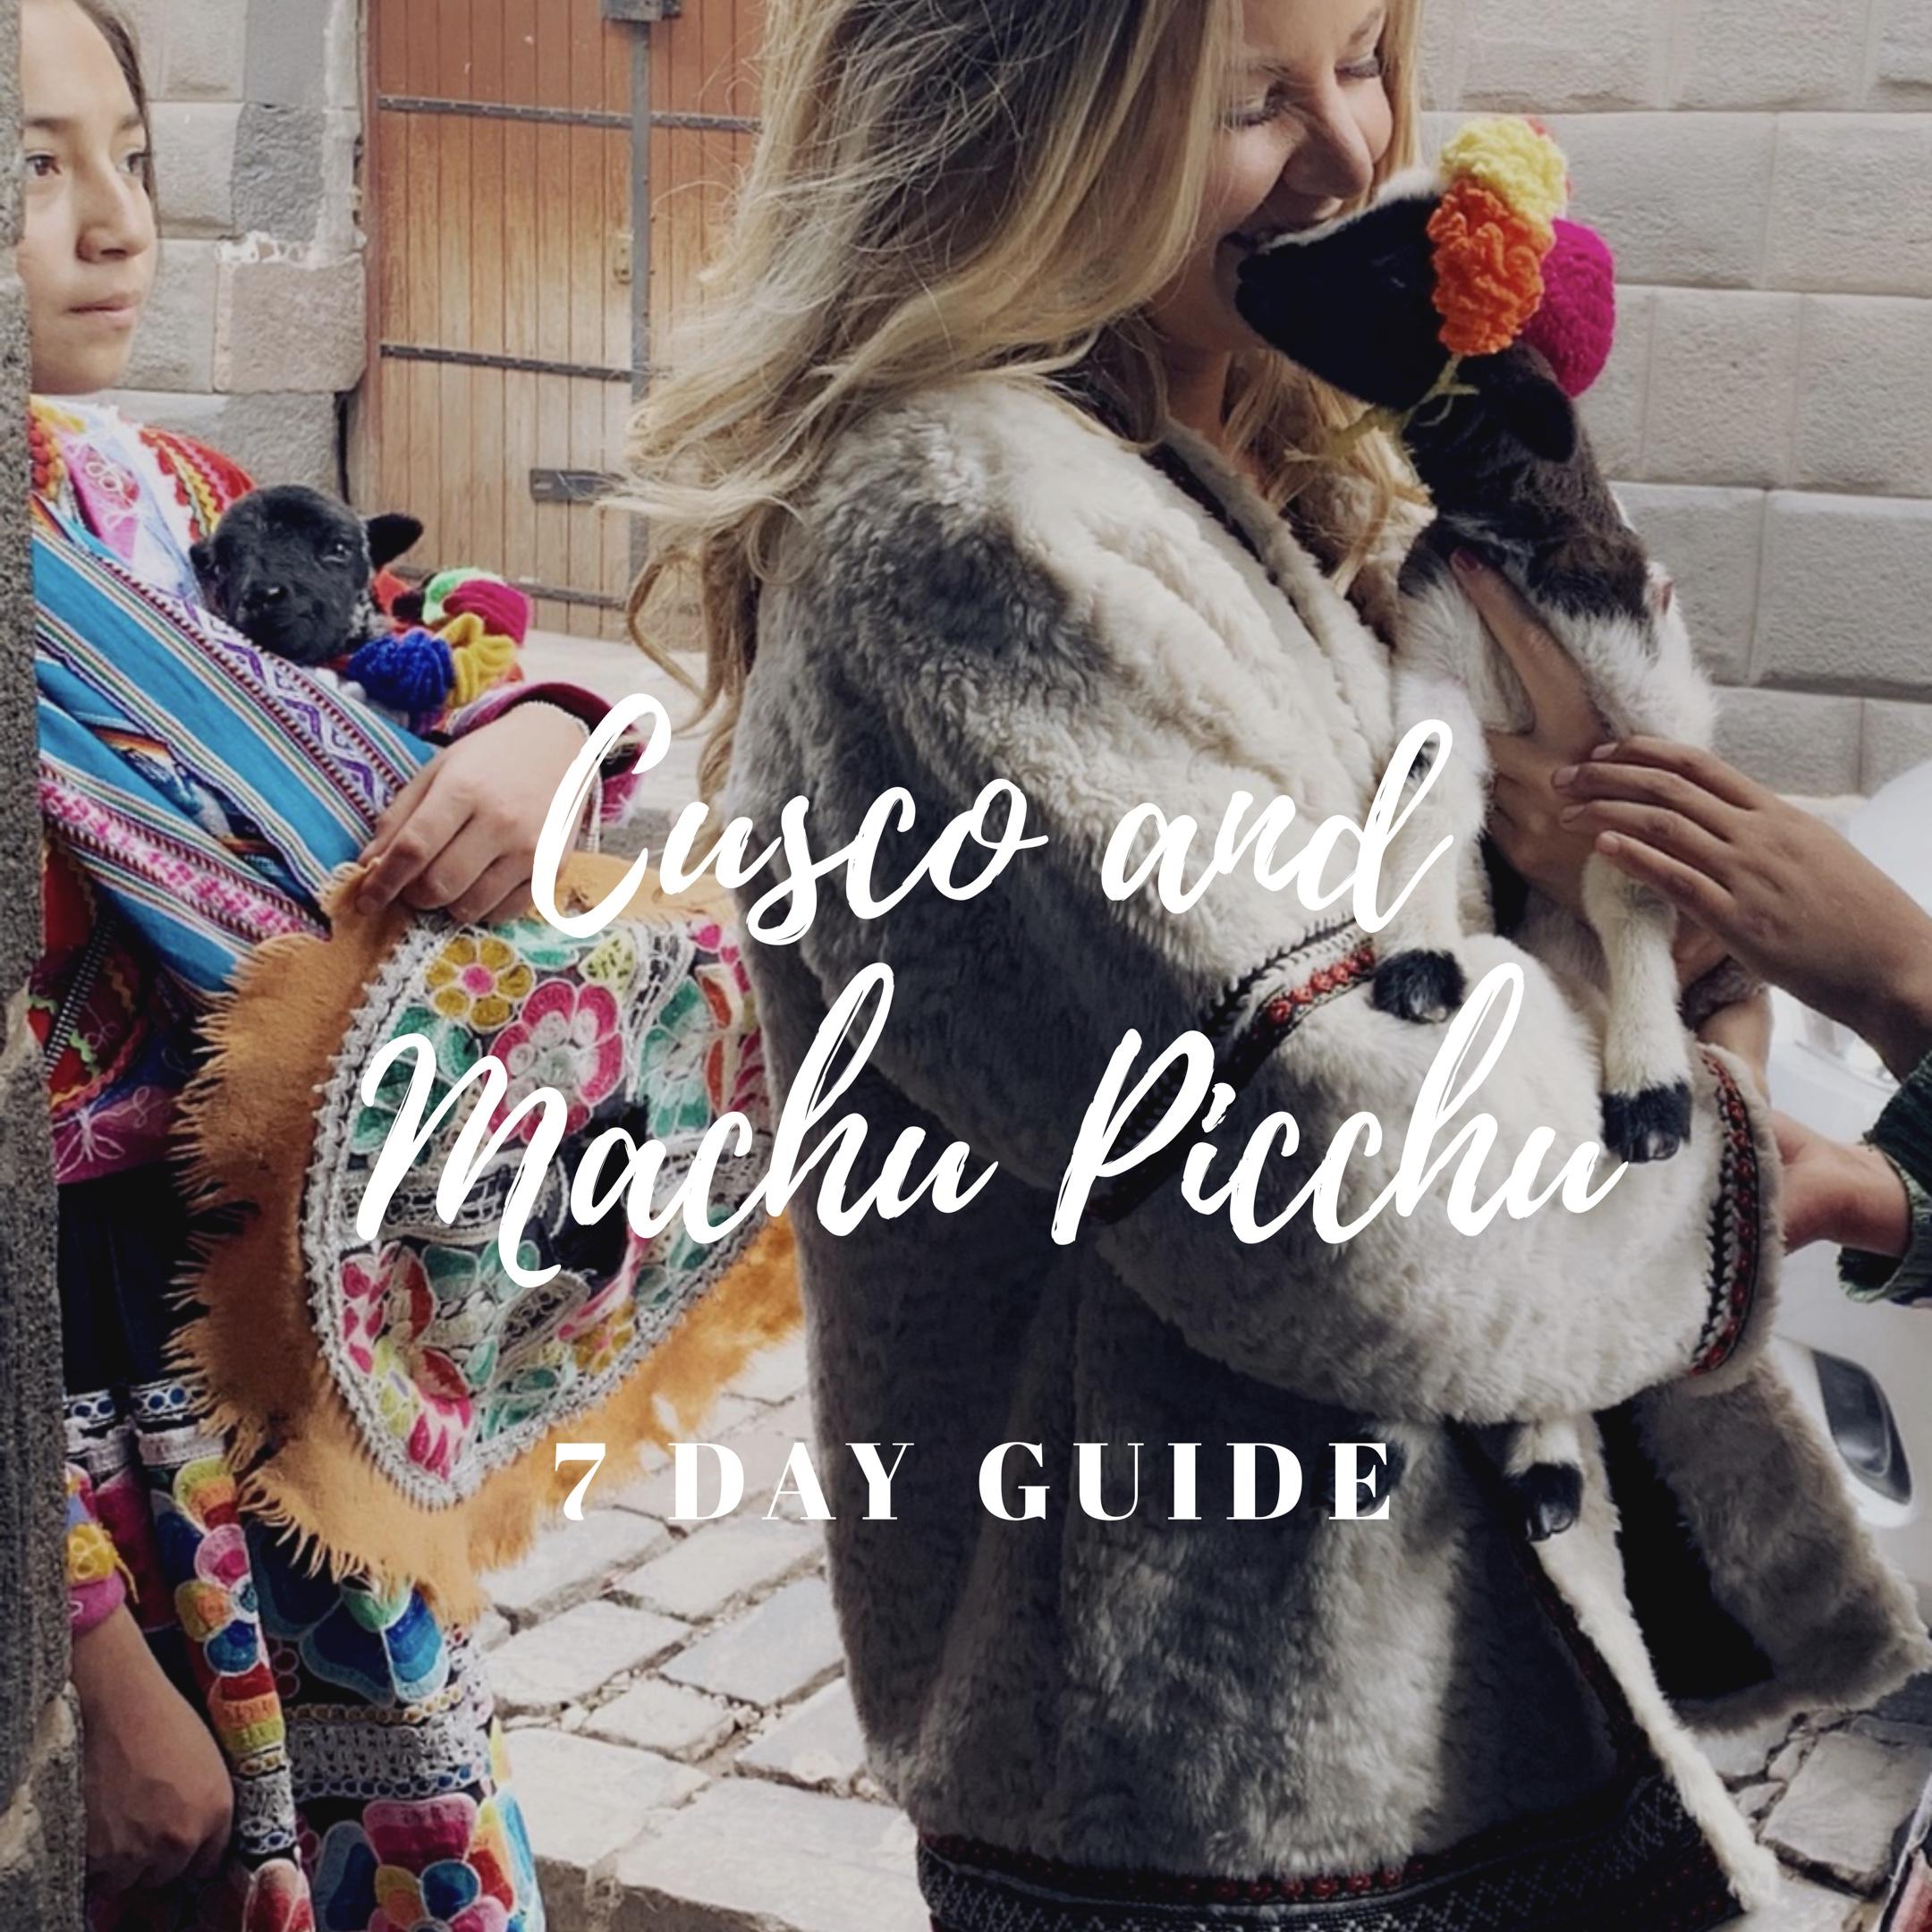 cusco and machu picchu 7 day guide